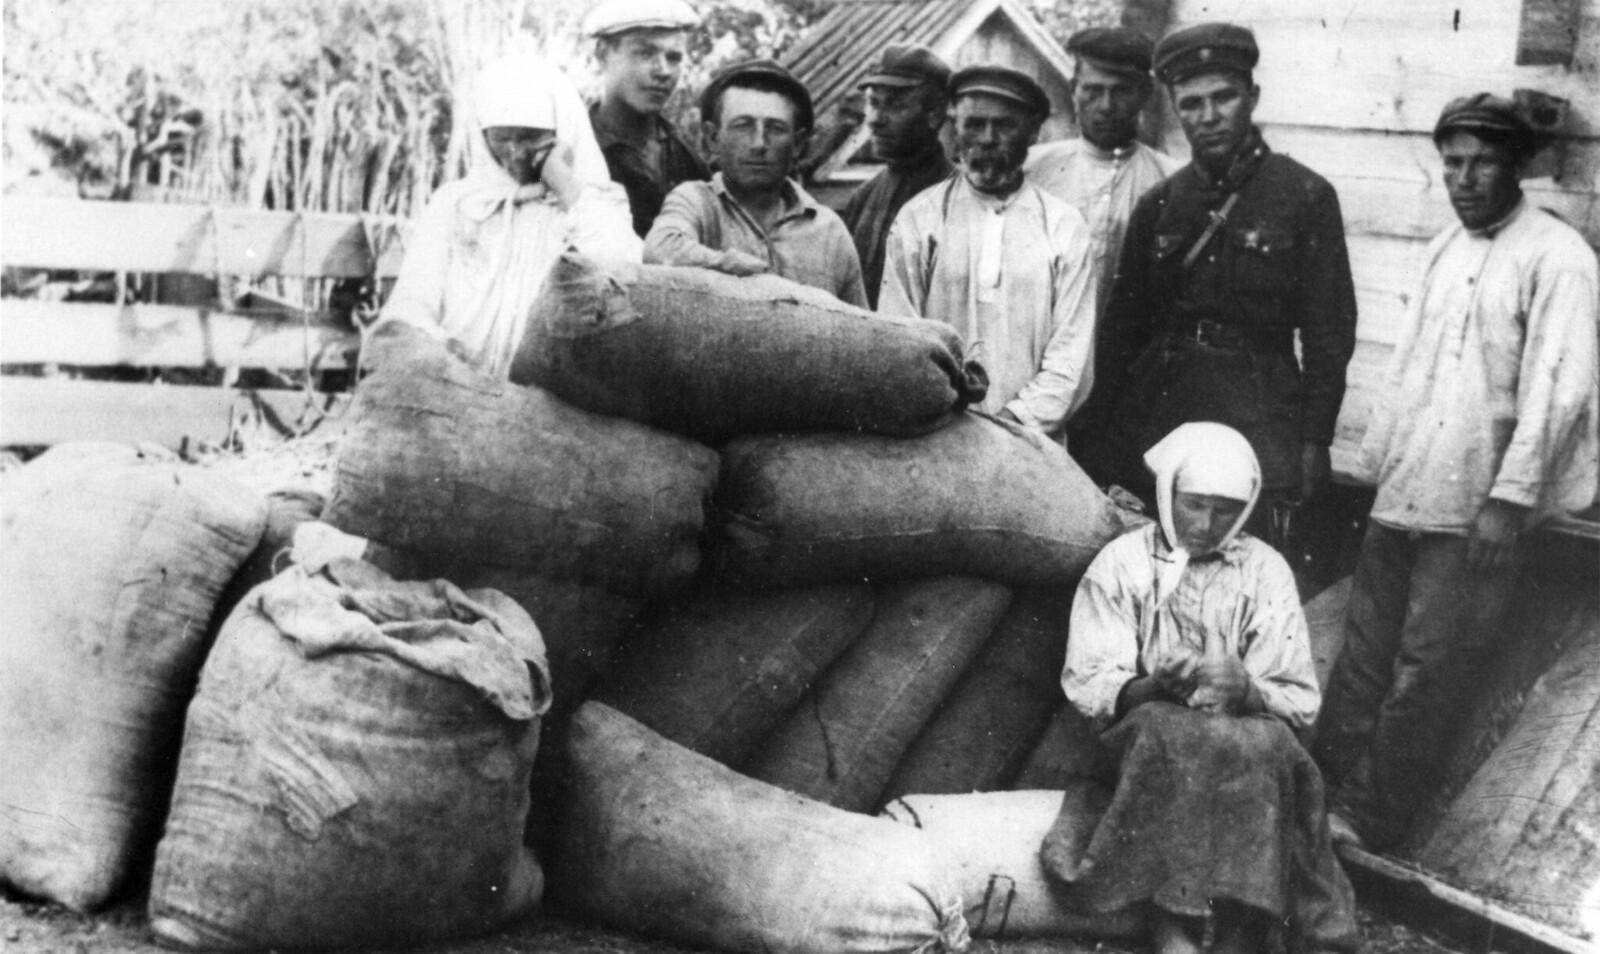 1930. Зерно, конфискованное у семьи кулаков в селе Удачое, Донецкая область